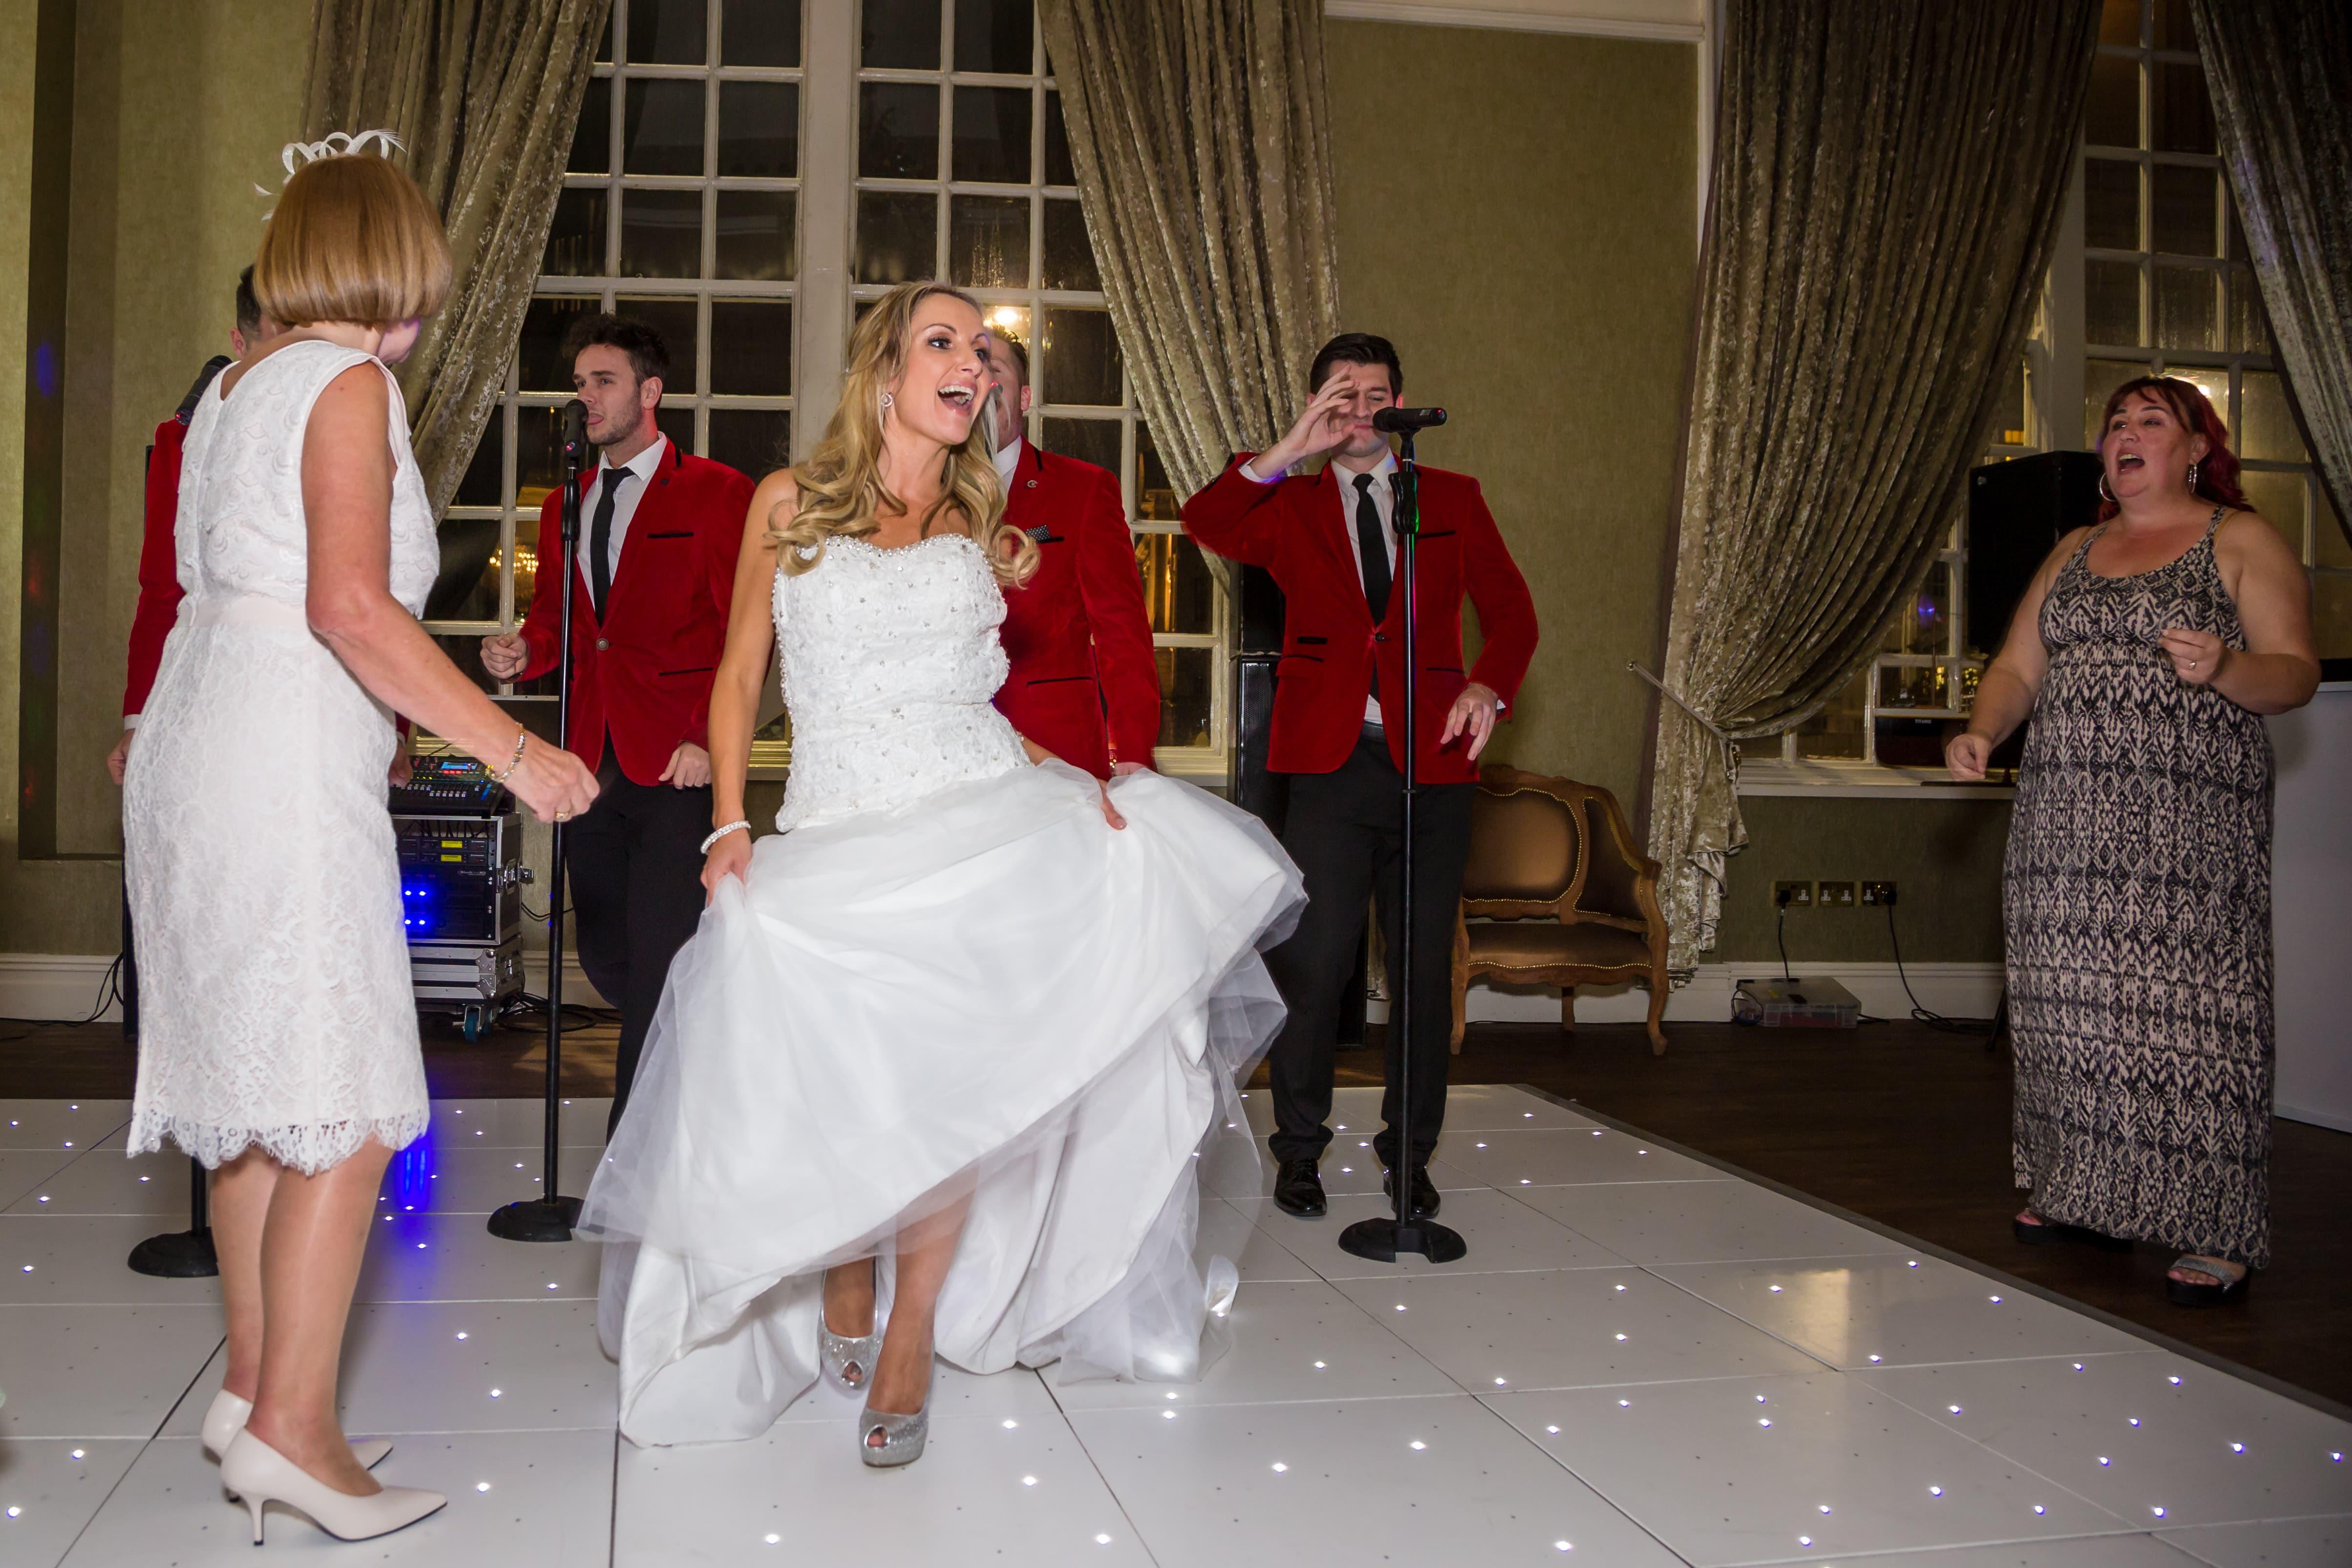 Dancing Bride Dance Floor 30 james Street wedding